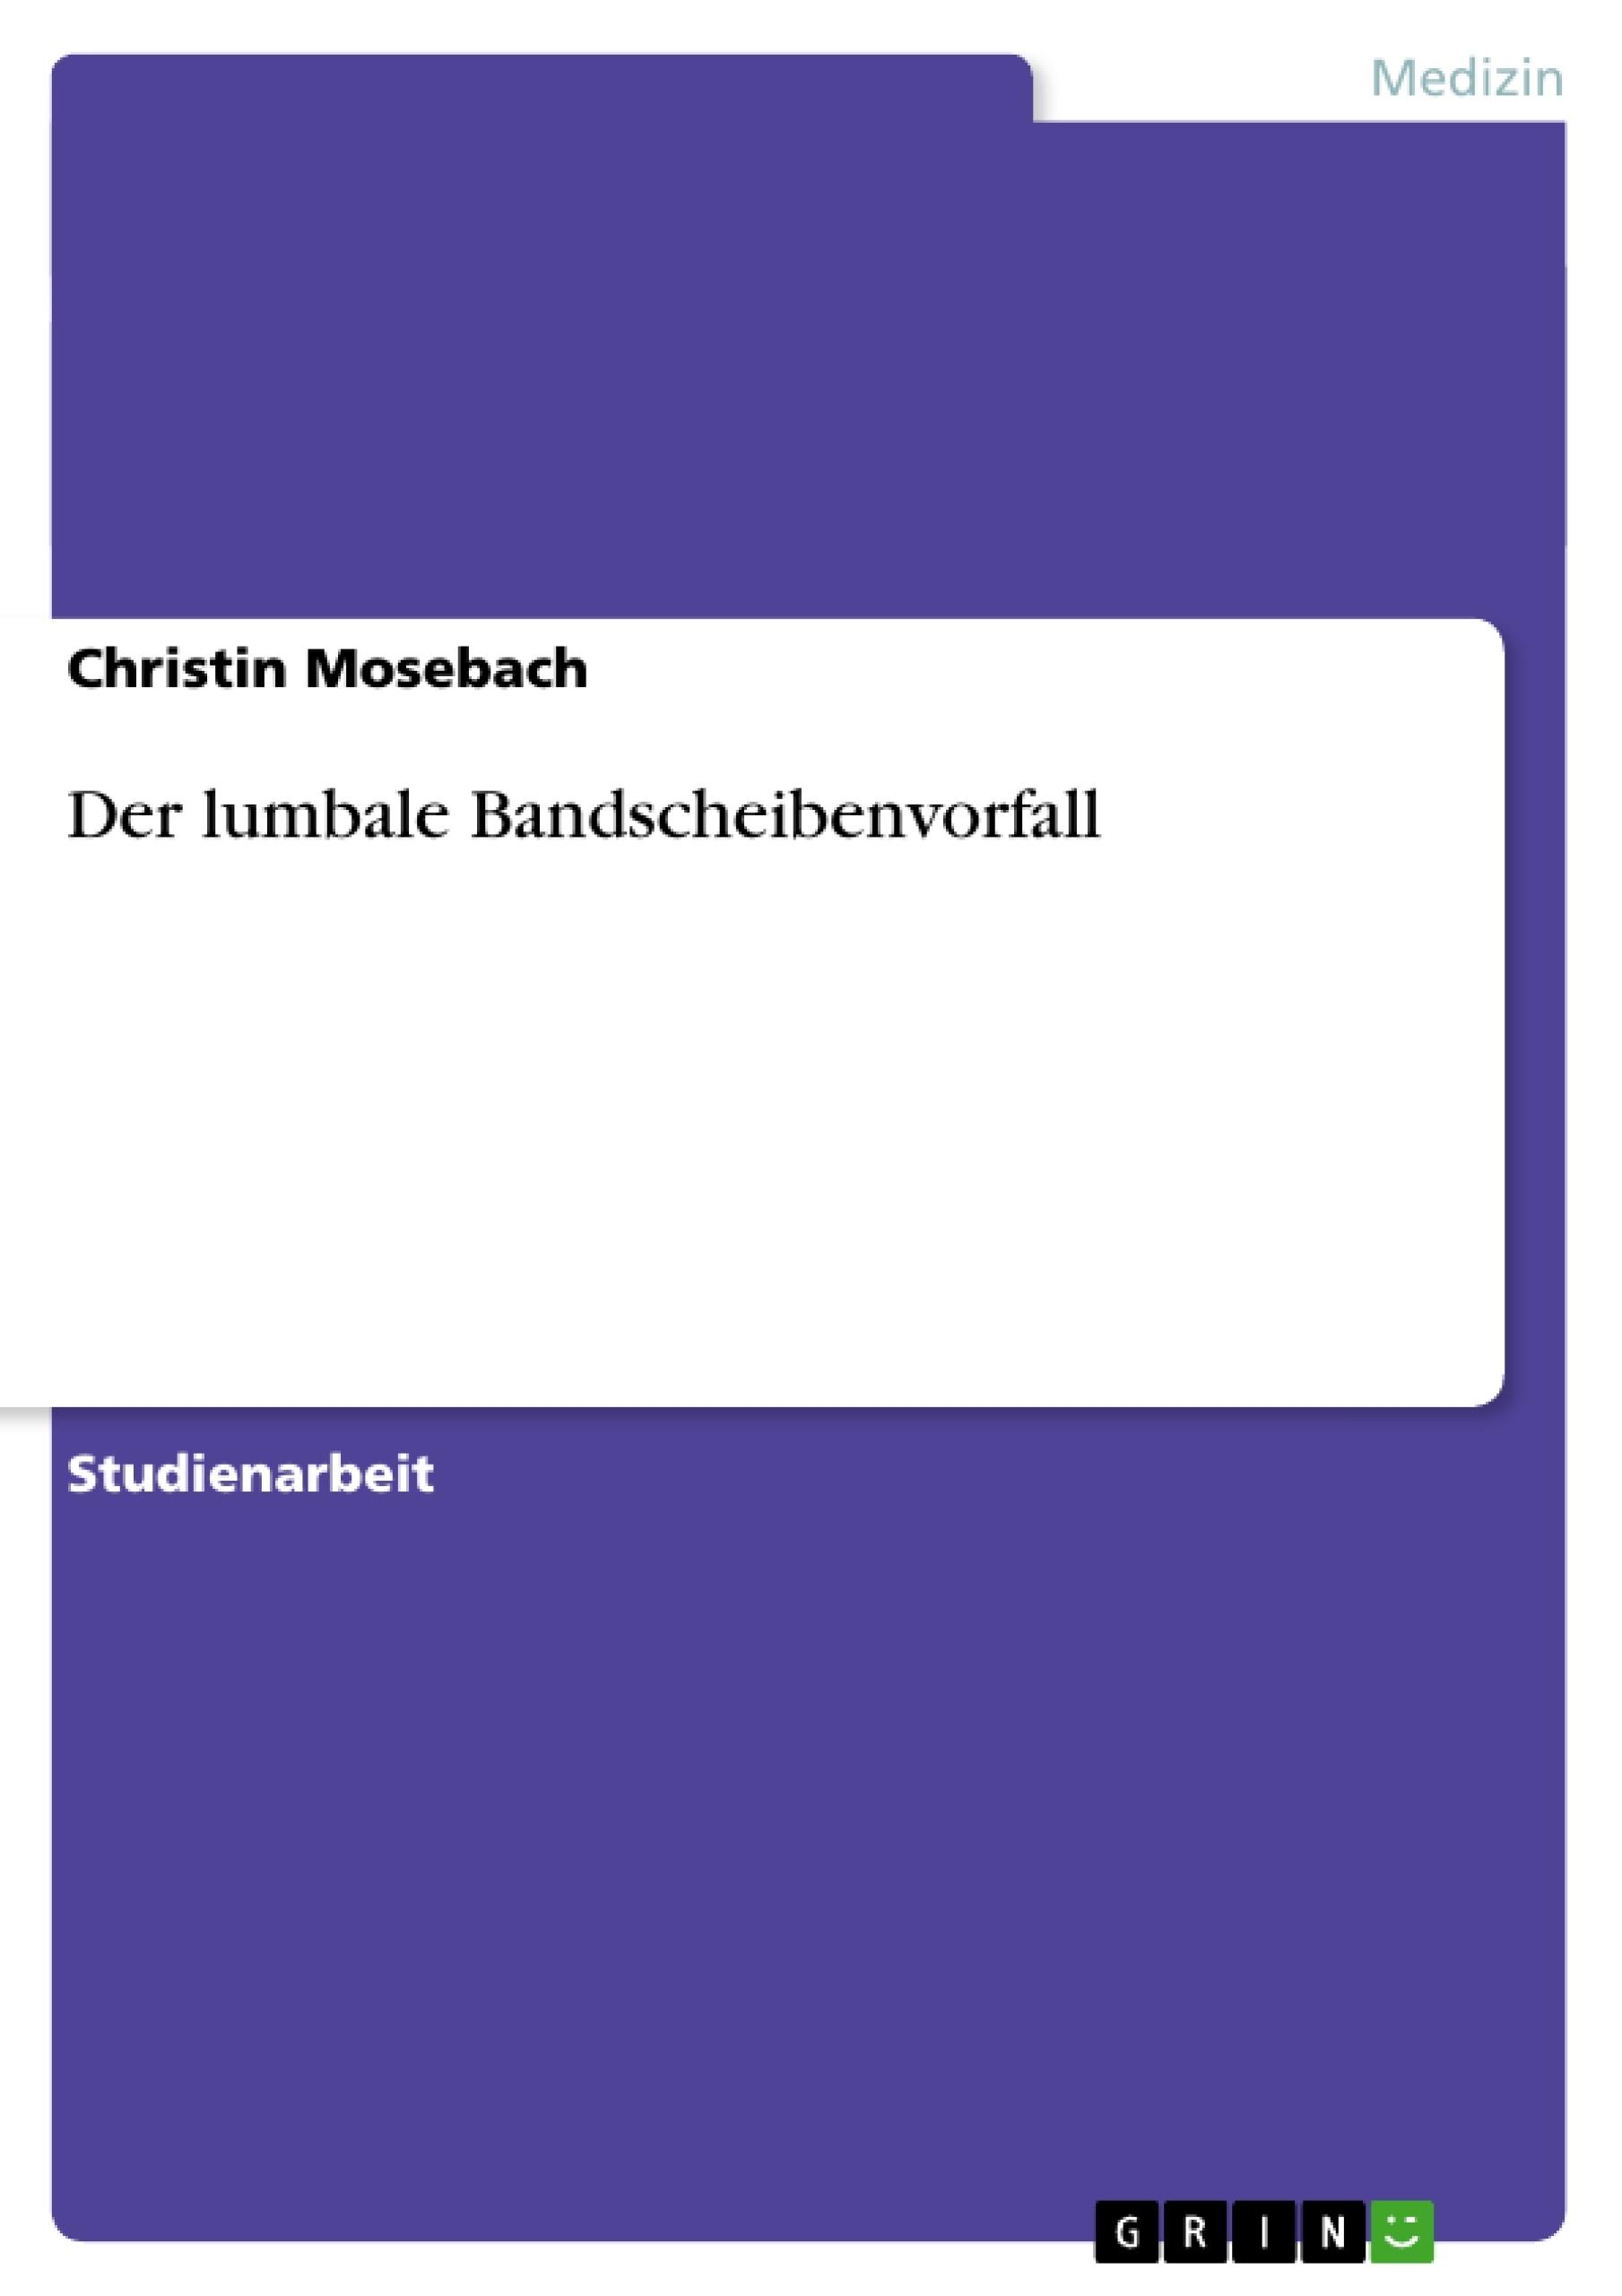 Der lumbale Bandscheibenvorfall | Masterarbeit, Hausarbeit ...